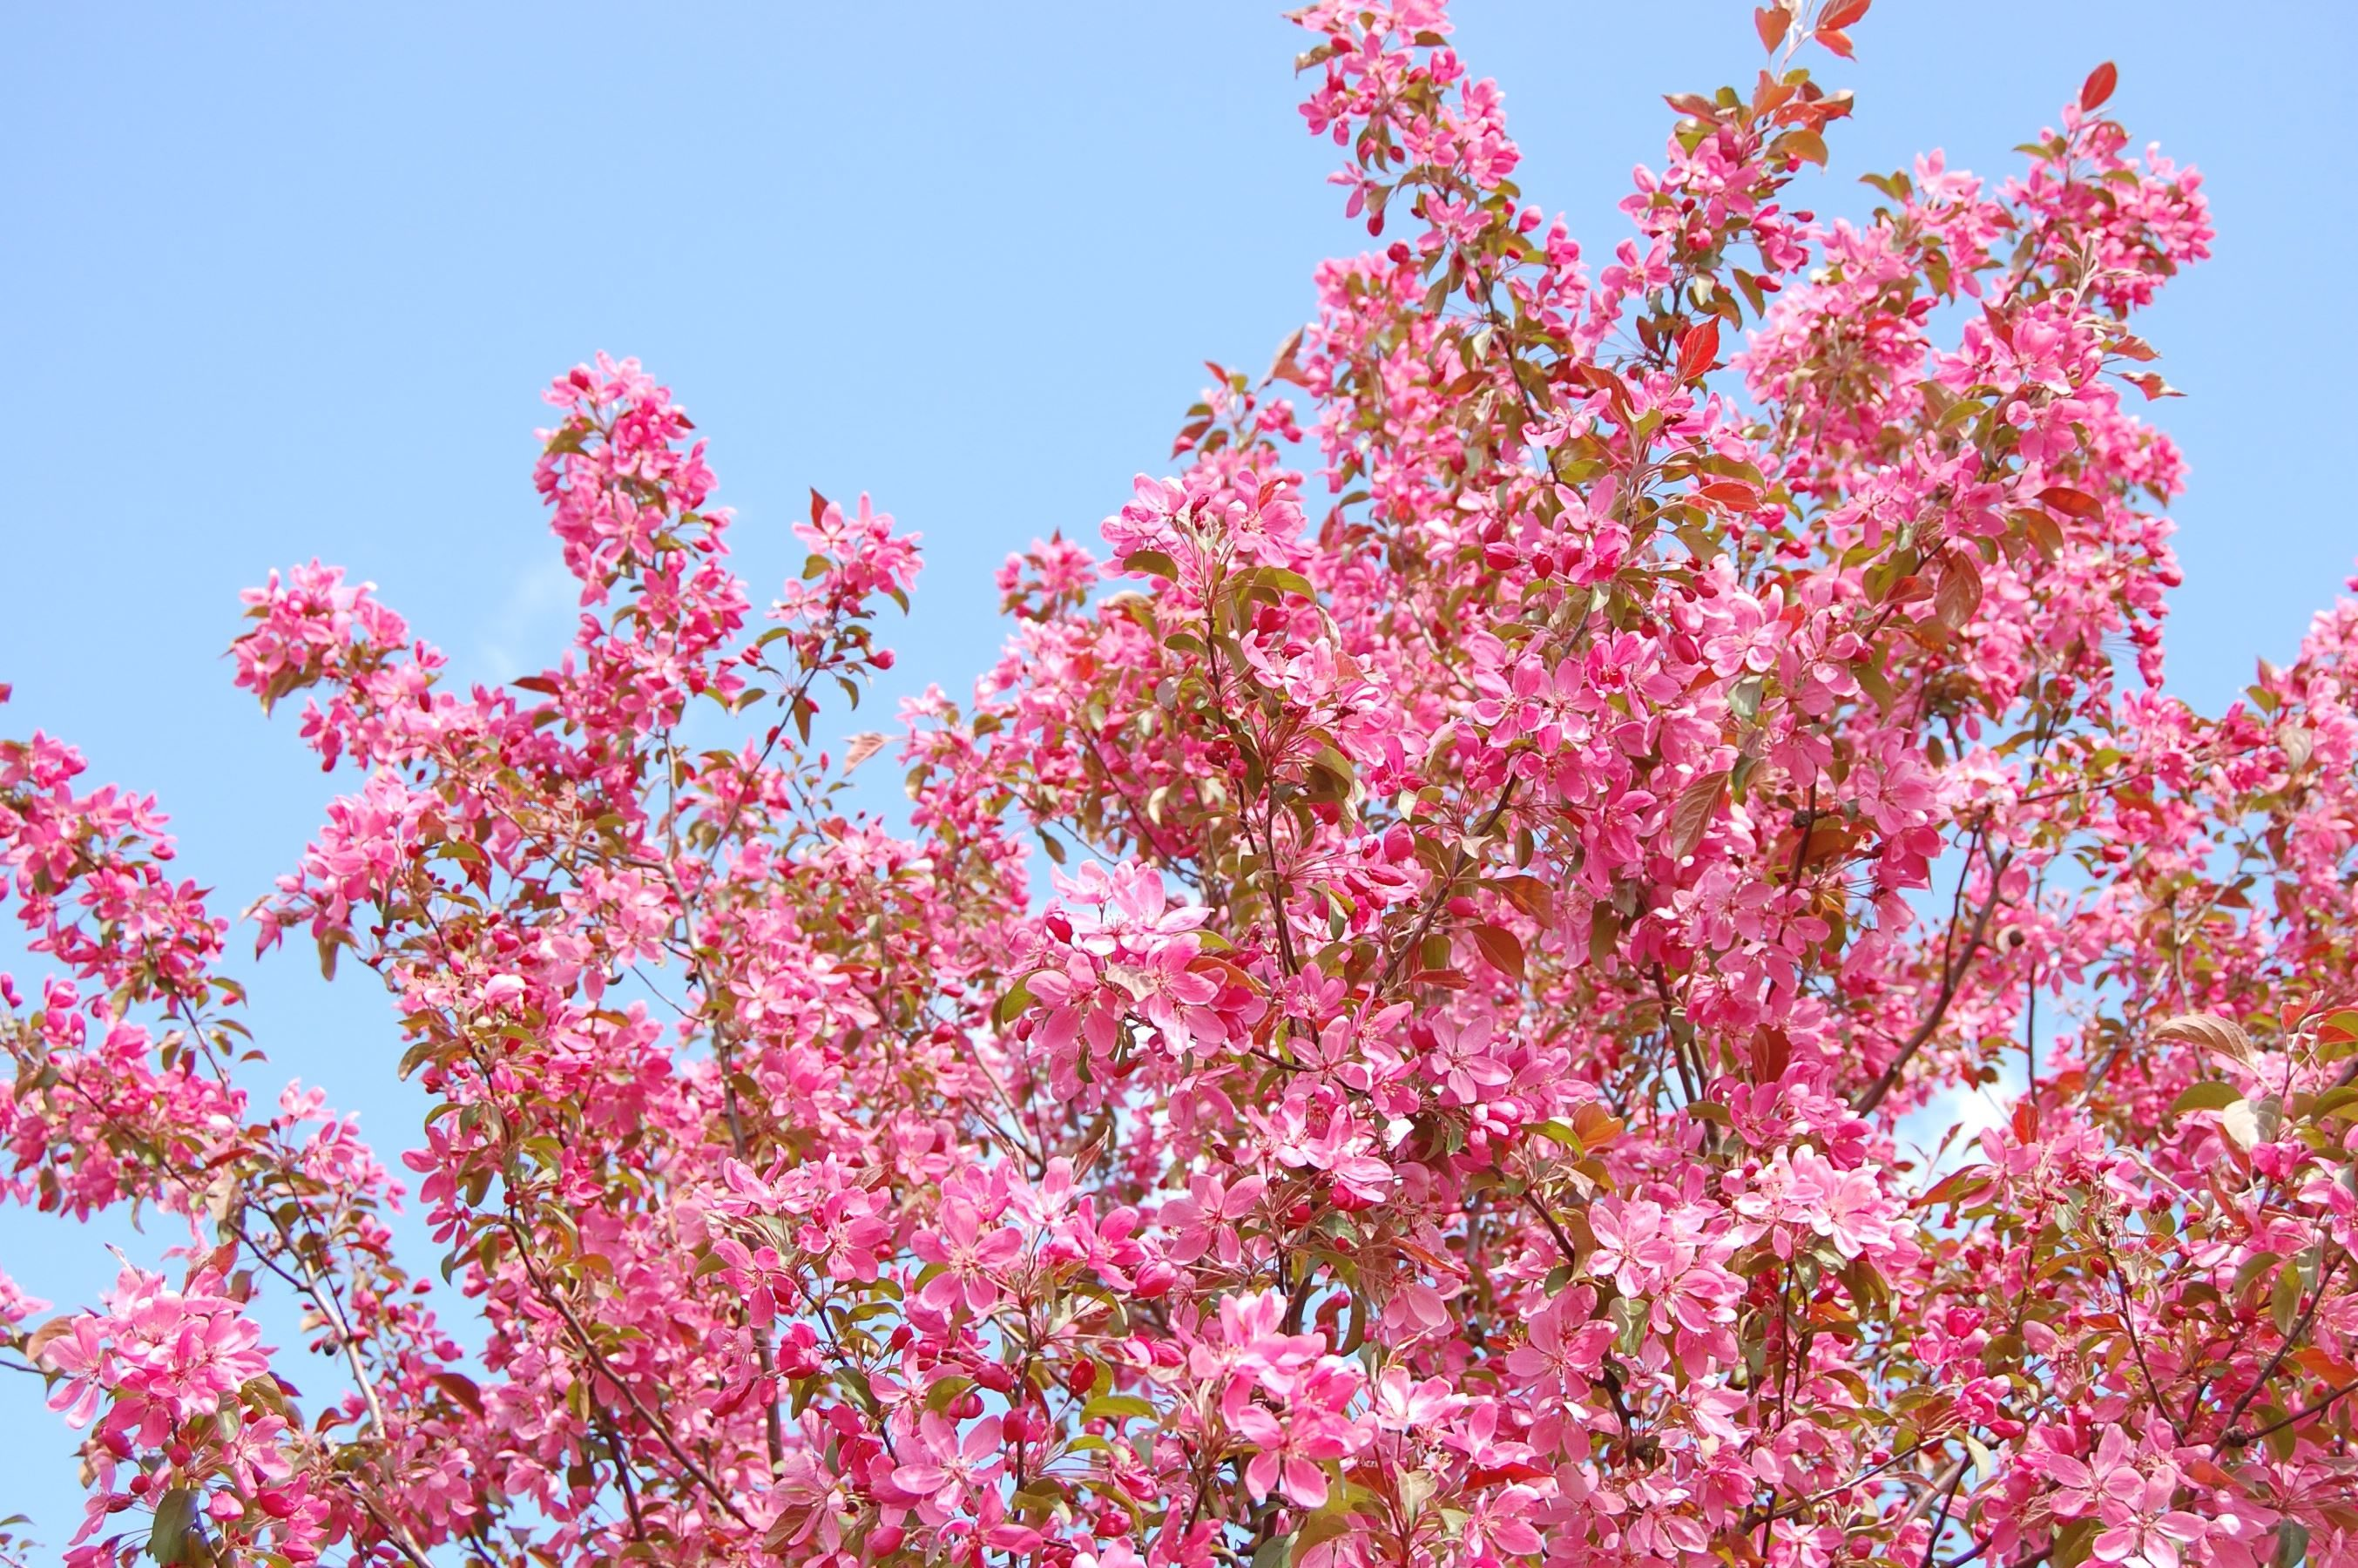 Kostenlose Bild: Lila, rosa, blume, frühling, blüte, pflanze, baum, zweig